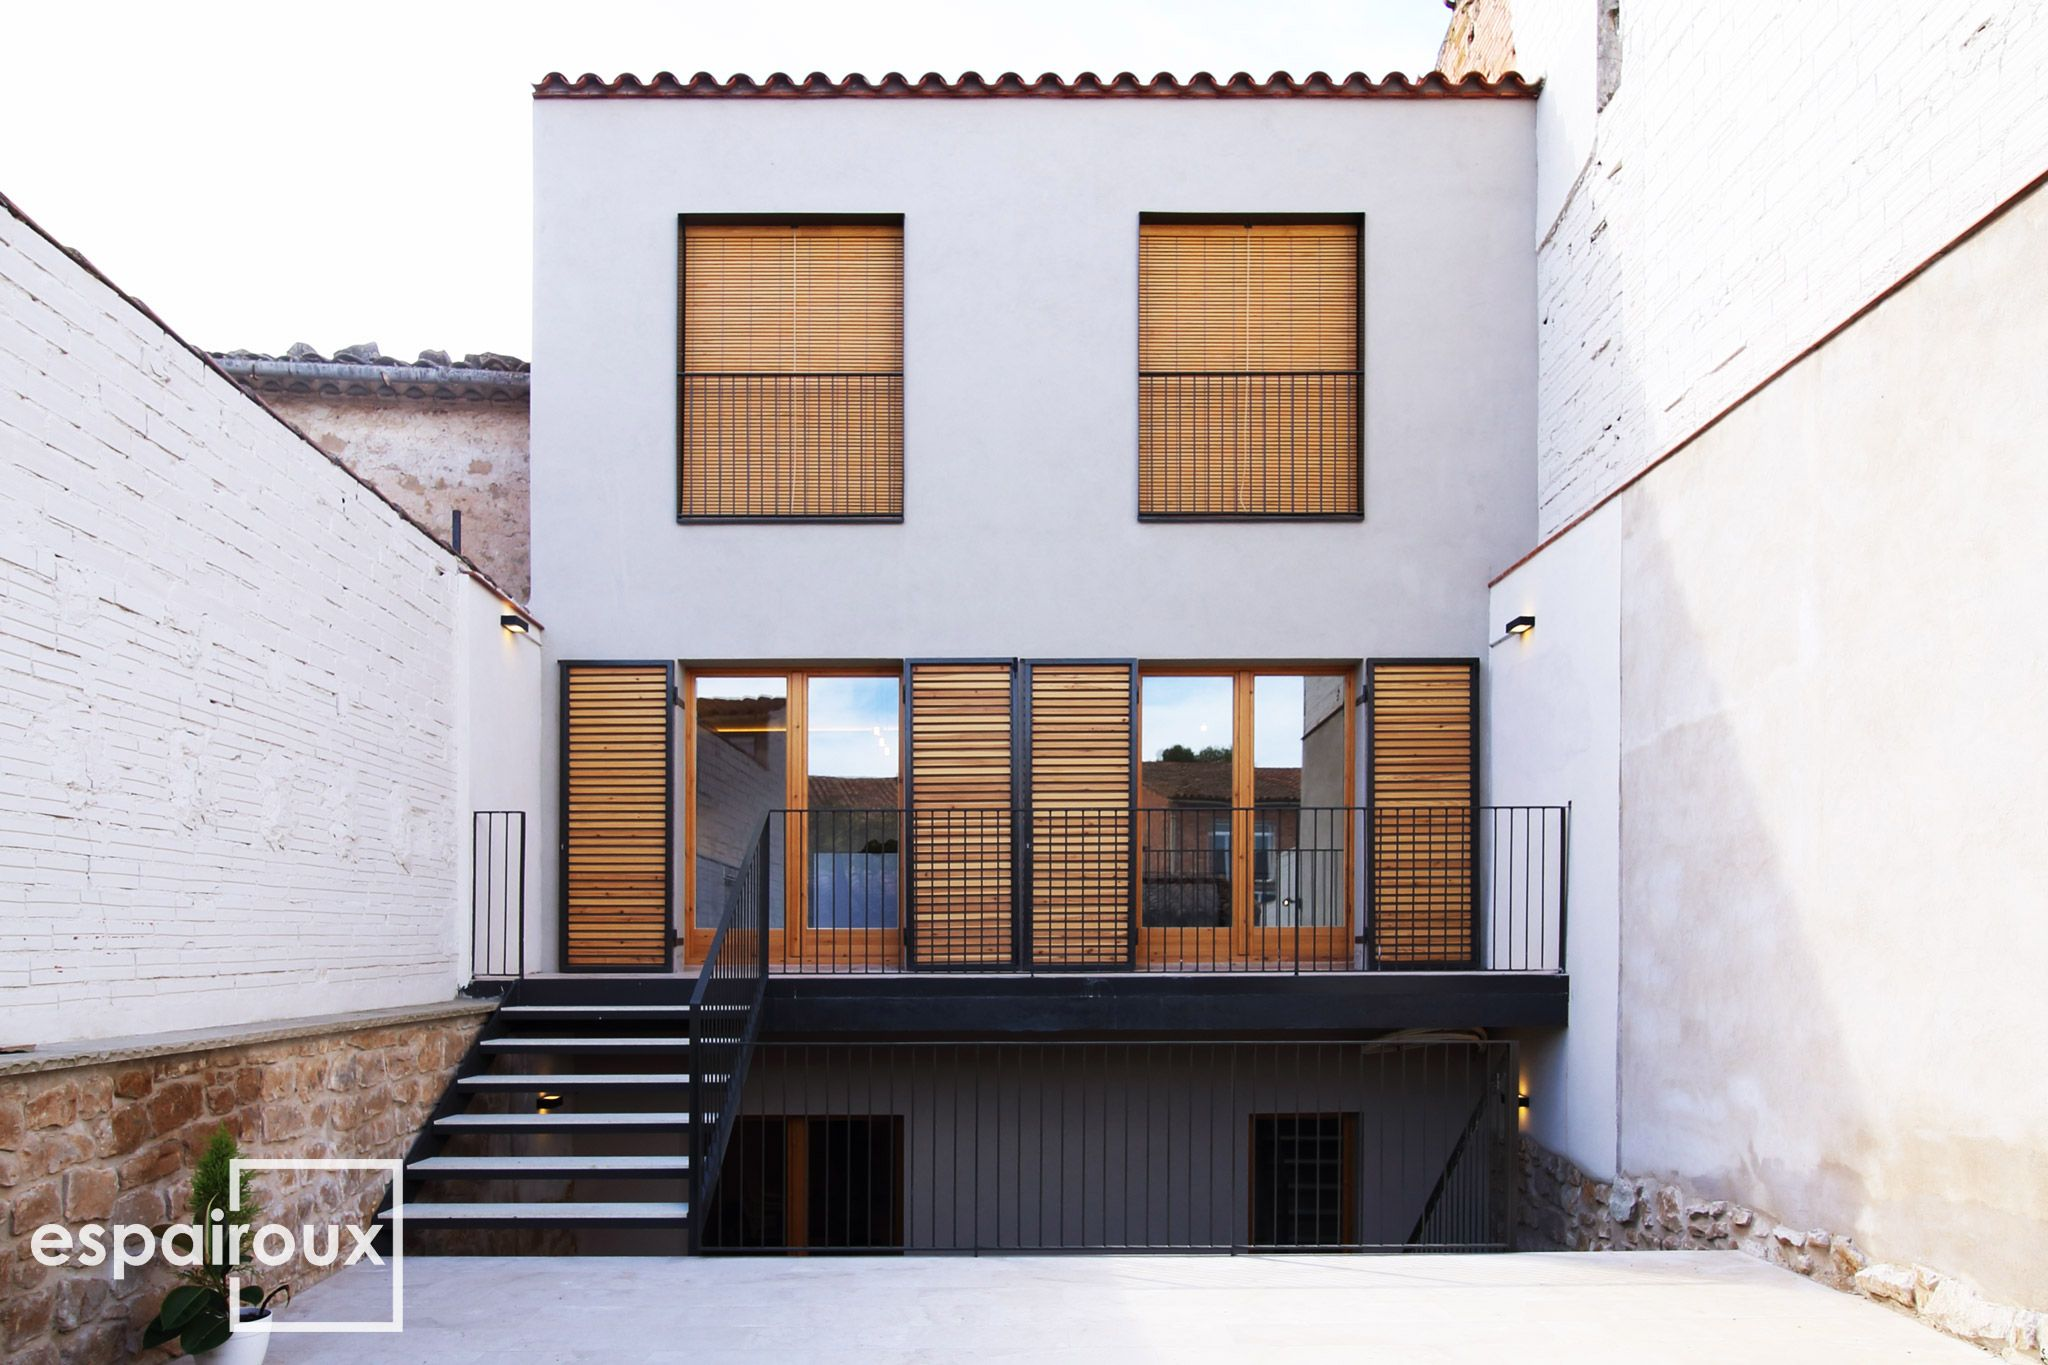 Fachada posterior de una vivienda unifamiliar entre - Vivienda entre medianeras ...